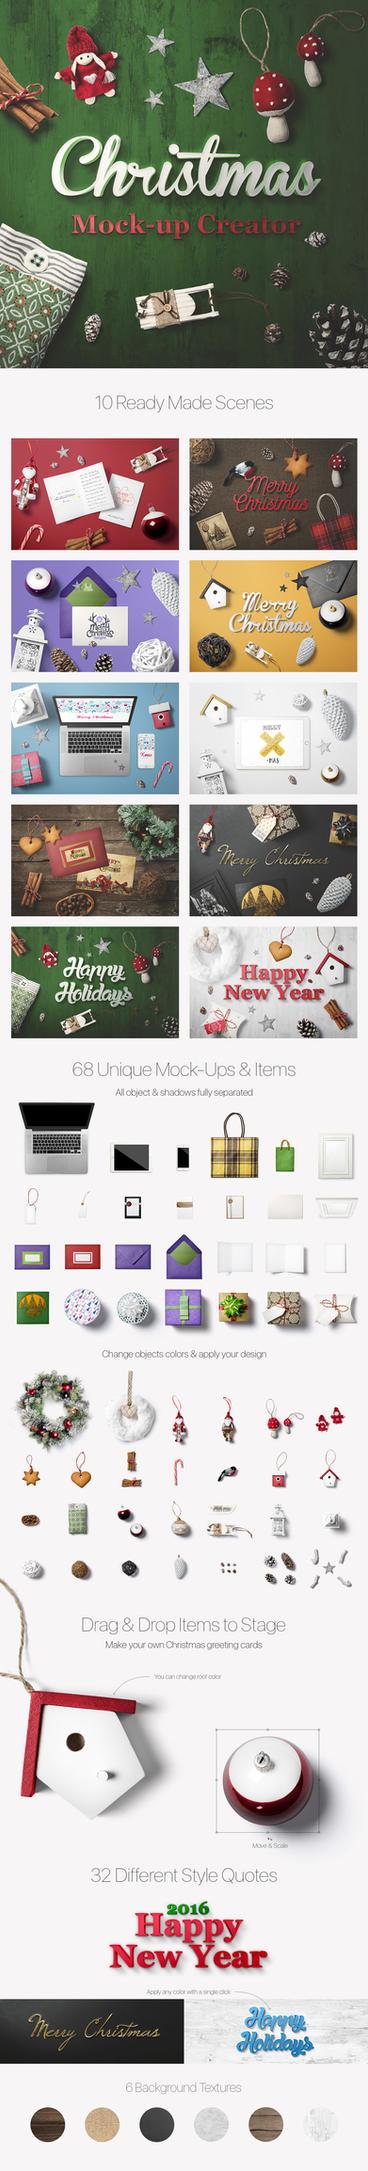 Christmas Mock-Up Creator by Genetic96